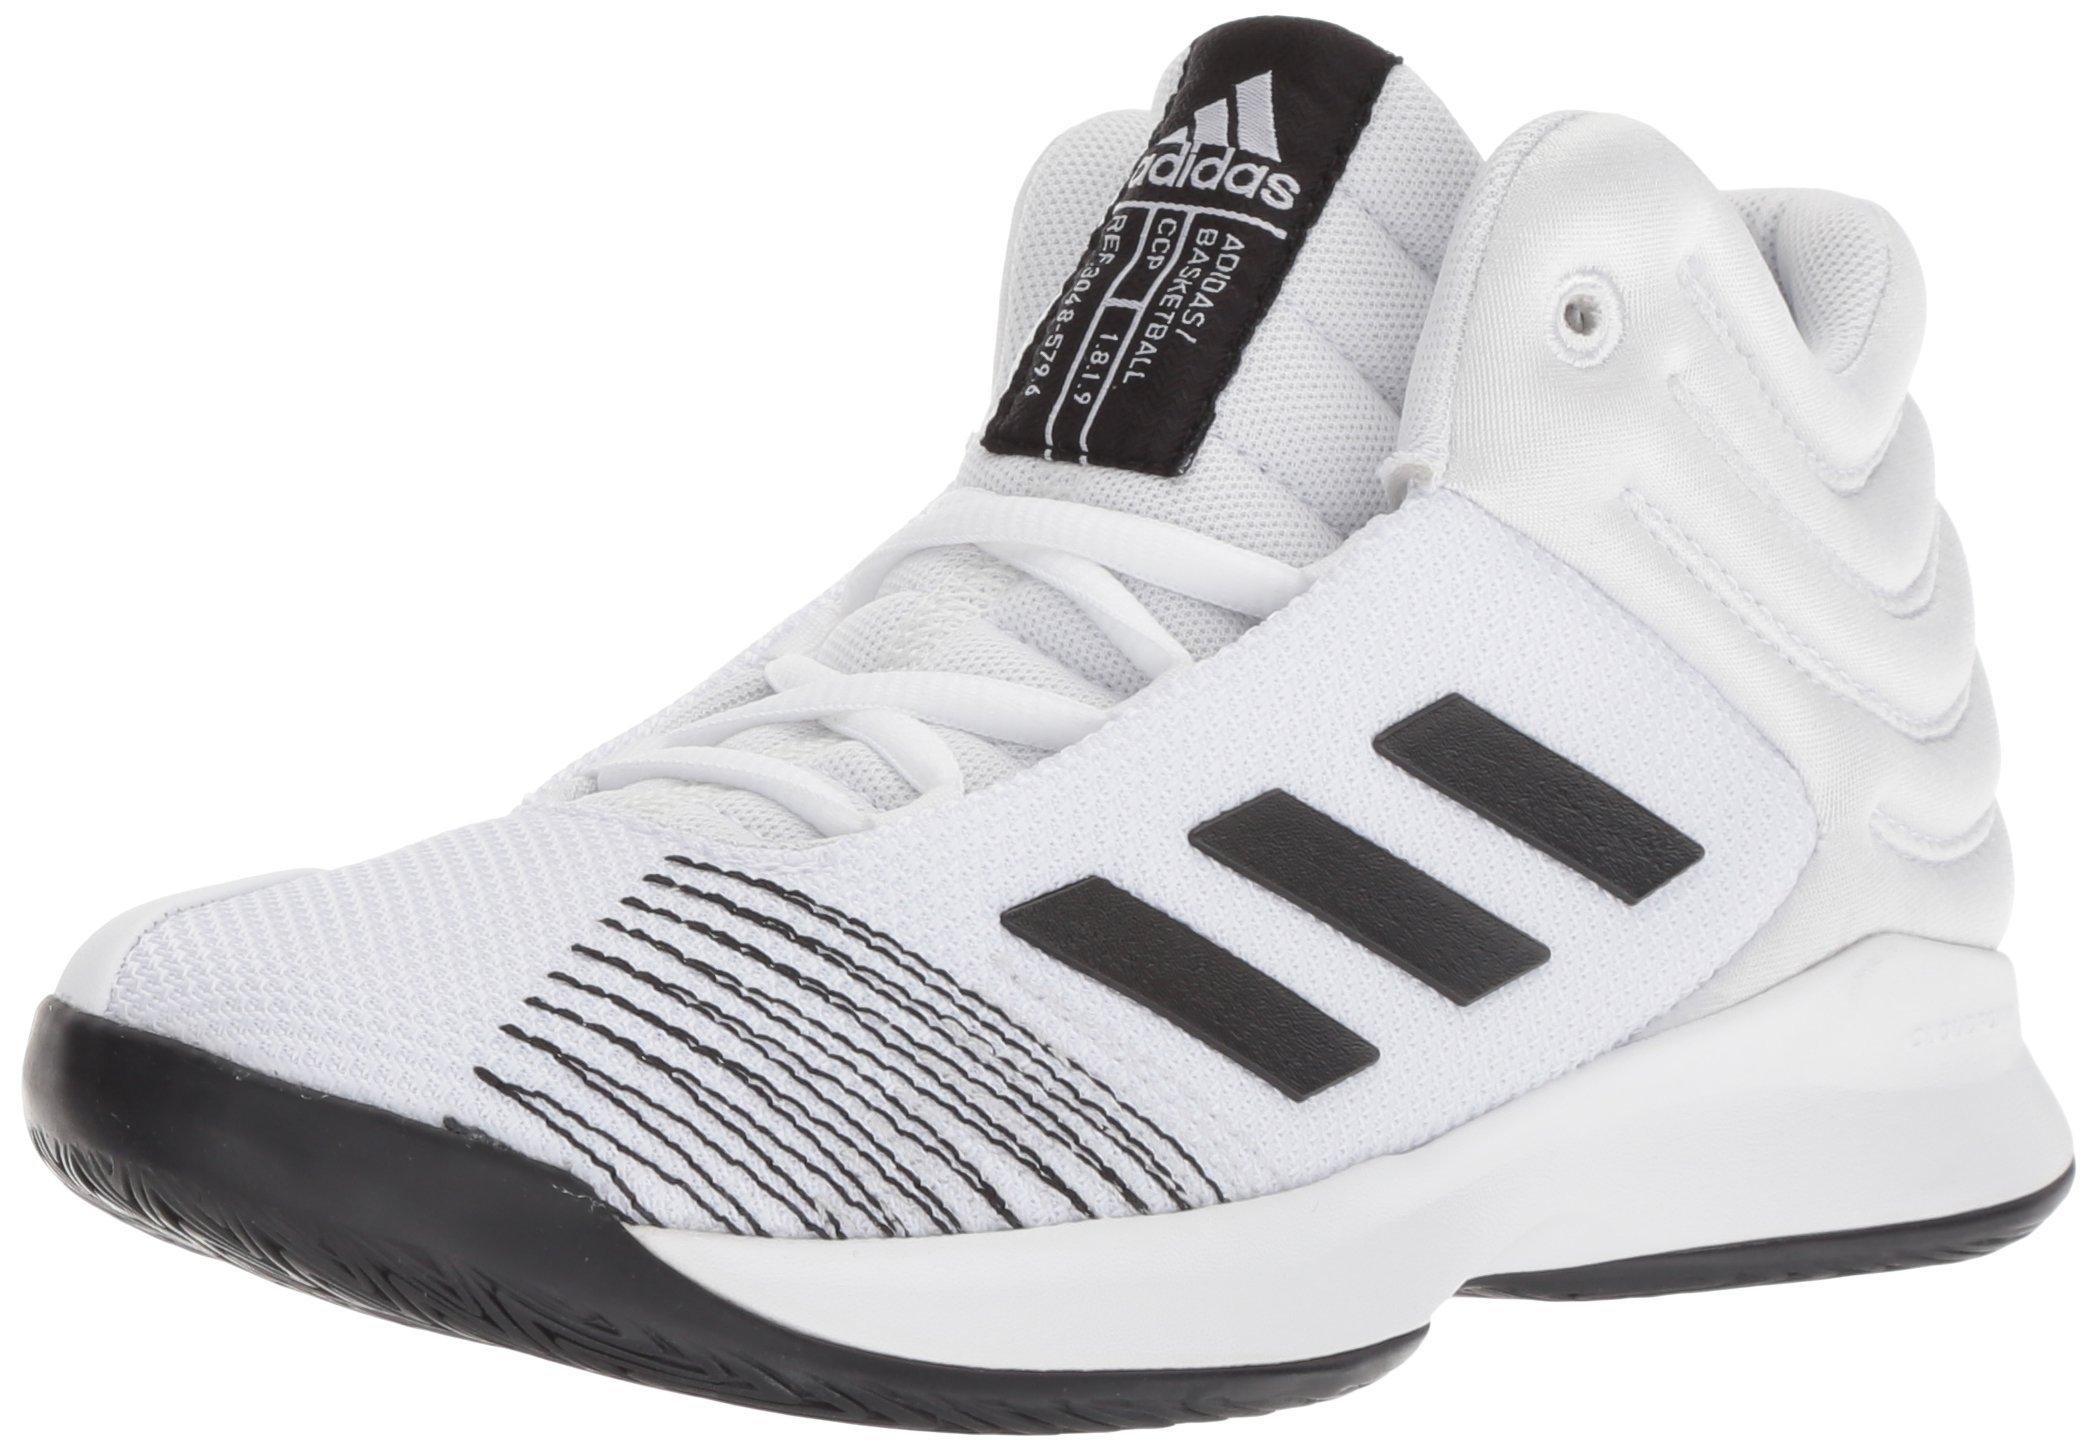 adidas Unisex Pro Spark 2018 Basketball Shoe, White/Black/Grey, 1 M US Little Kid